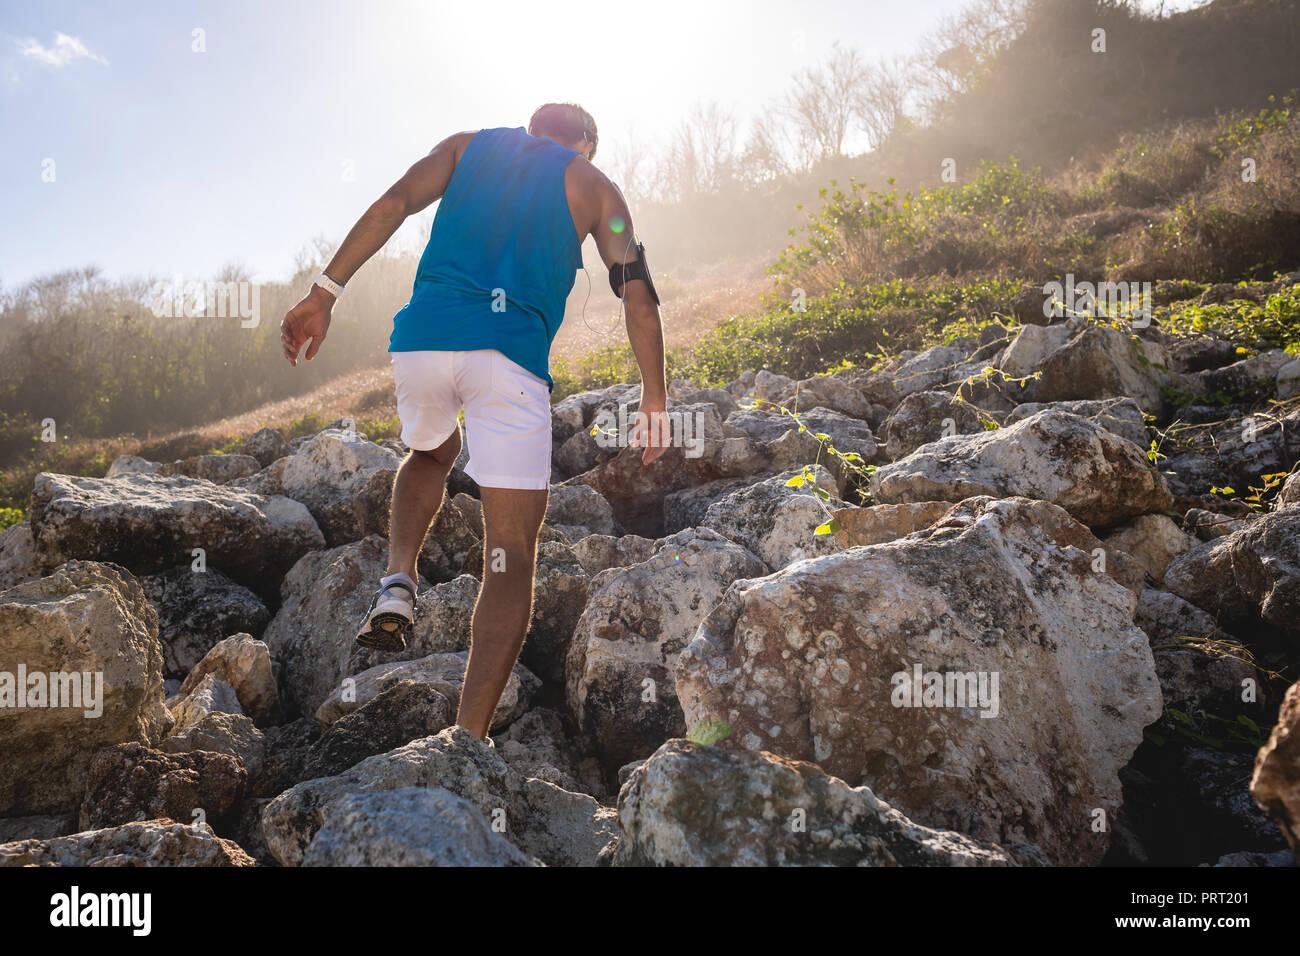 Vista posterior del Athletic hombre escalada en rocas de montaña con luz de fondo Imagen De Stock